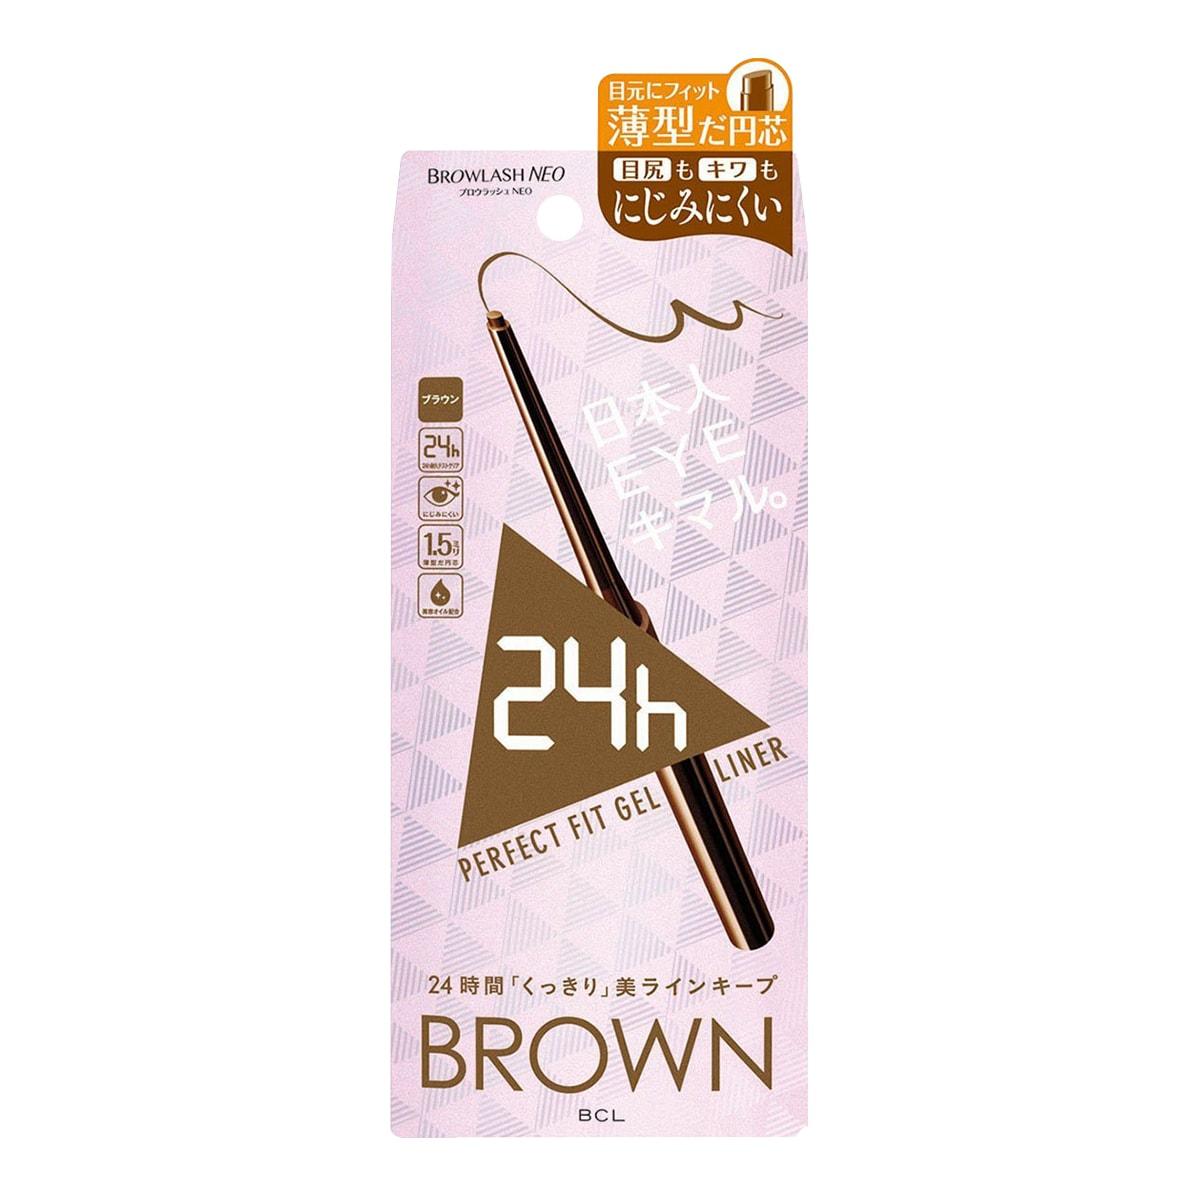 日本BCL NEO 眼线胶笔24小时不晕染  #咖啡色